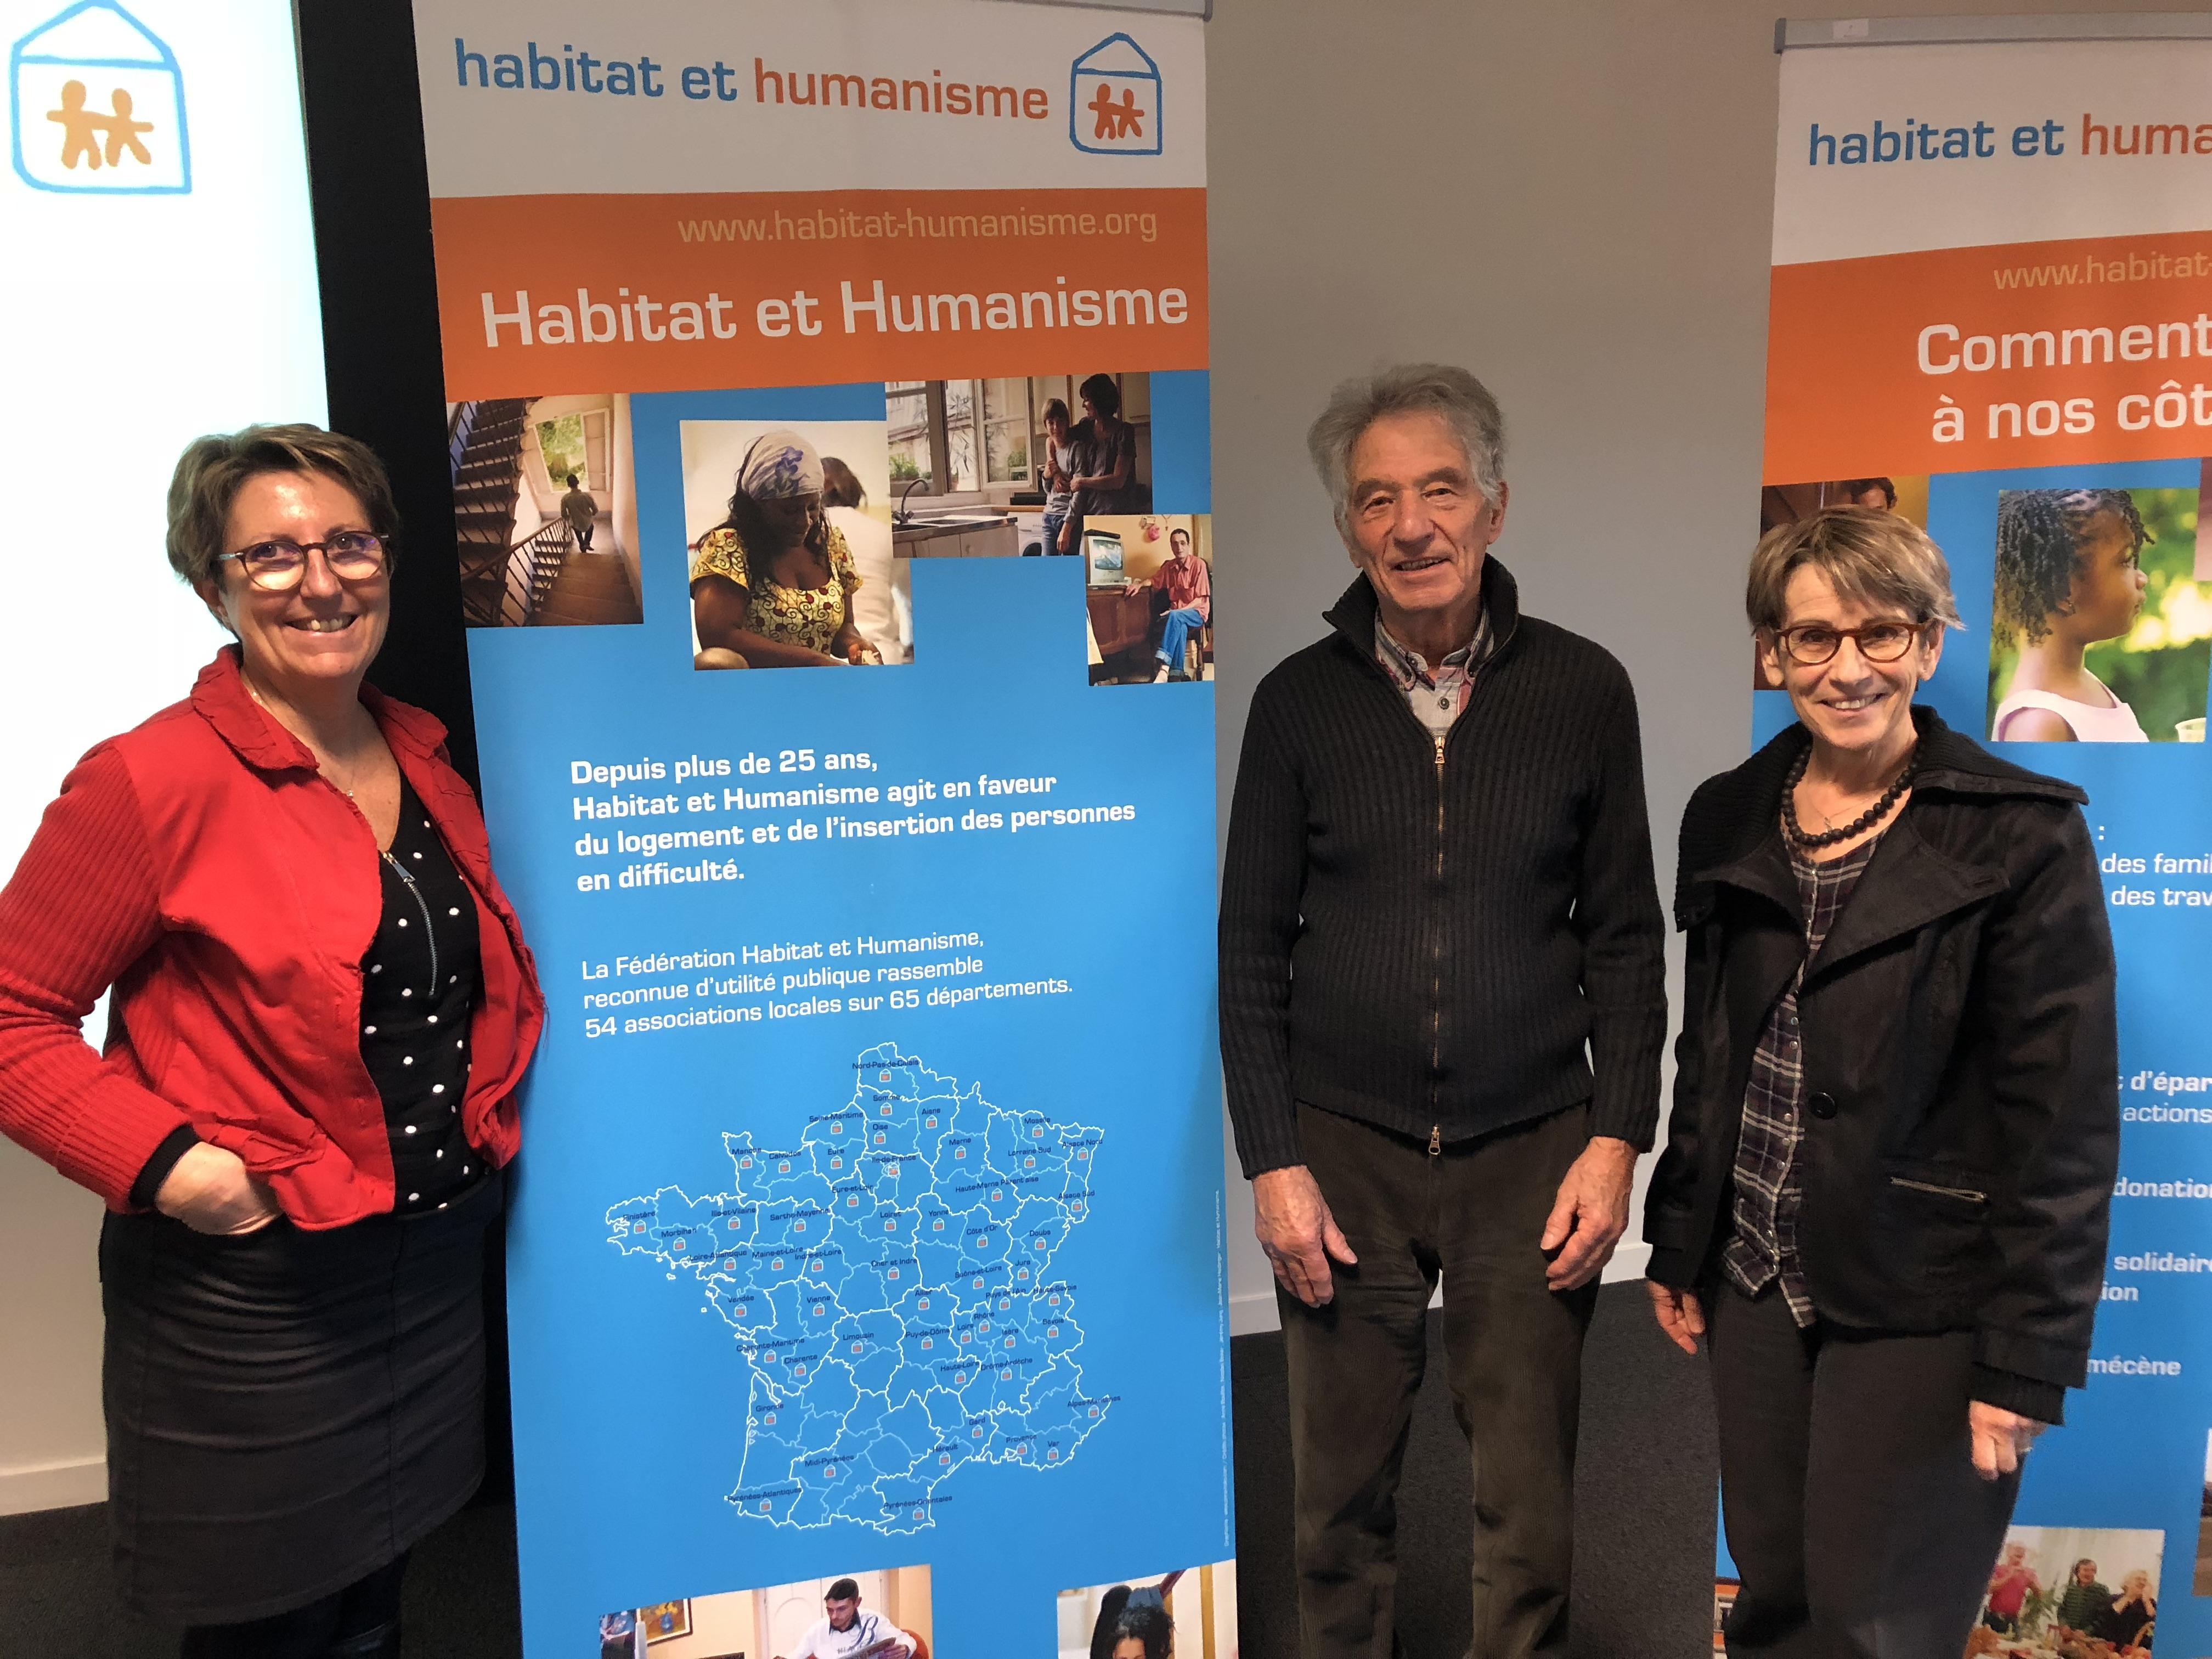 2019 02 07 Habitat et Humanisme (1)